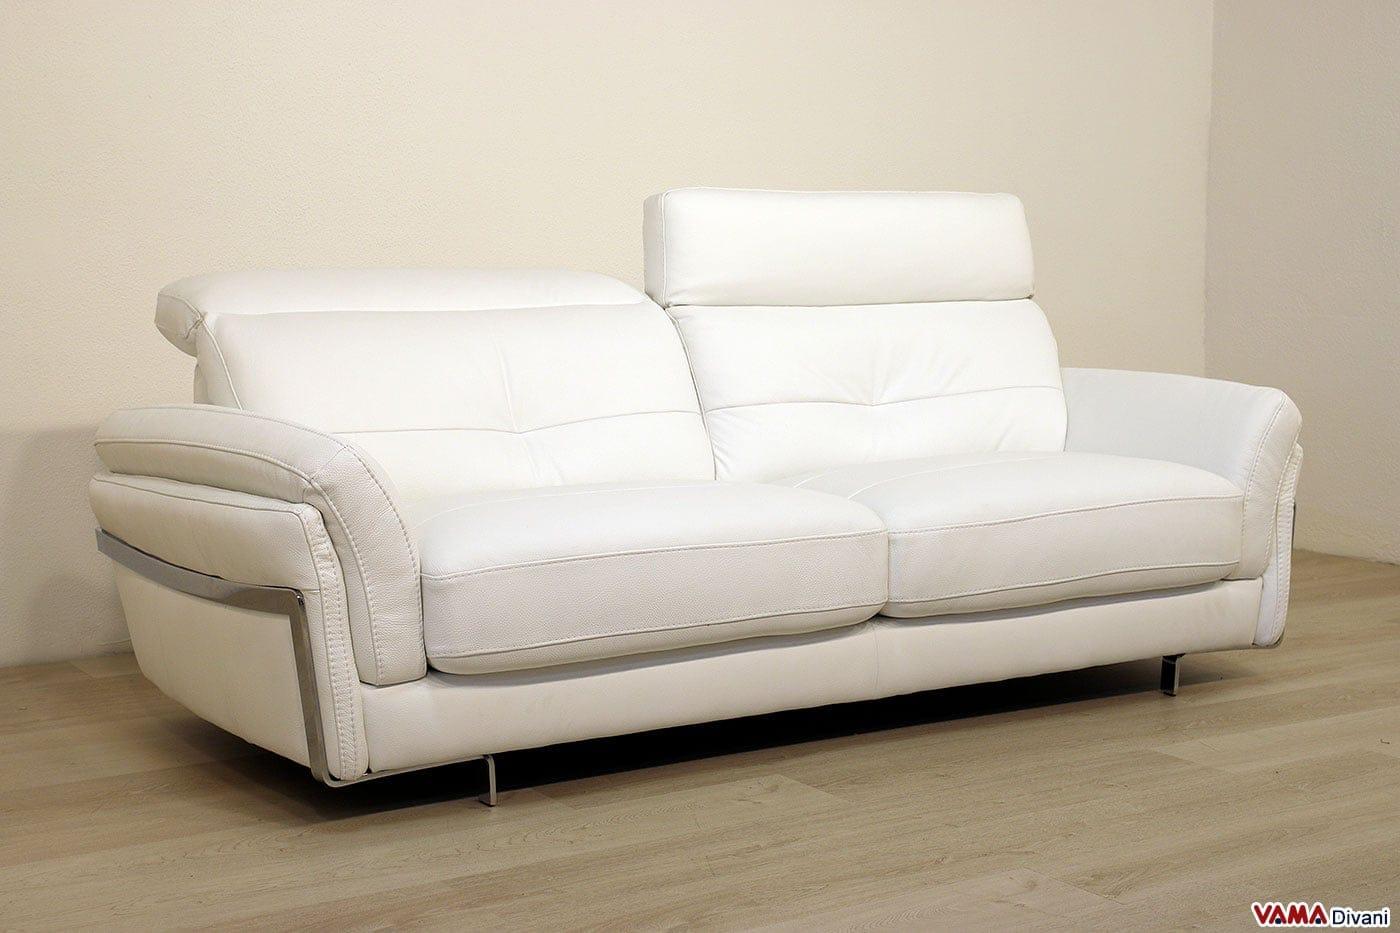 Divano in pelle moderno con poggiatesta per maggiore comfort - Divano in pelle bianco ...